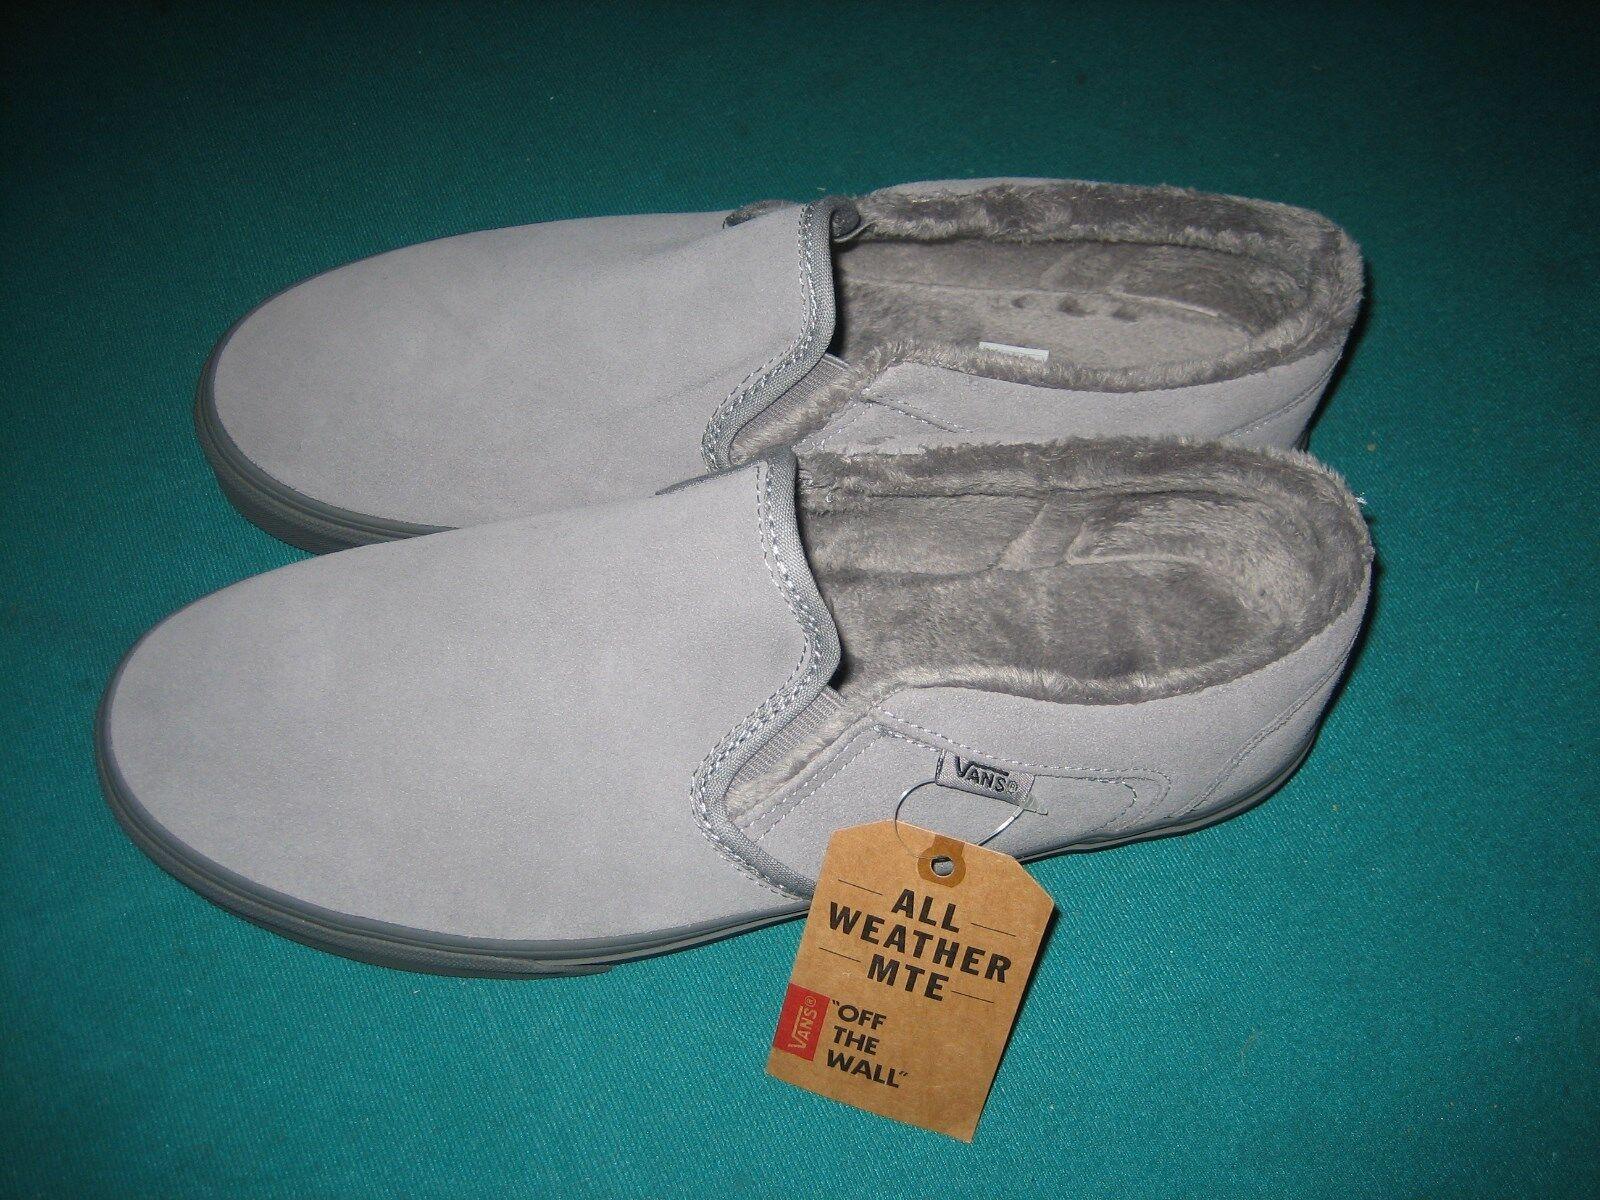 Vans Asher All Weather MTE Gris zapatos Suede felpa forrado de zapatos Gris Hombre Talla 11 6085a4